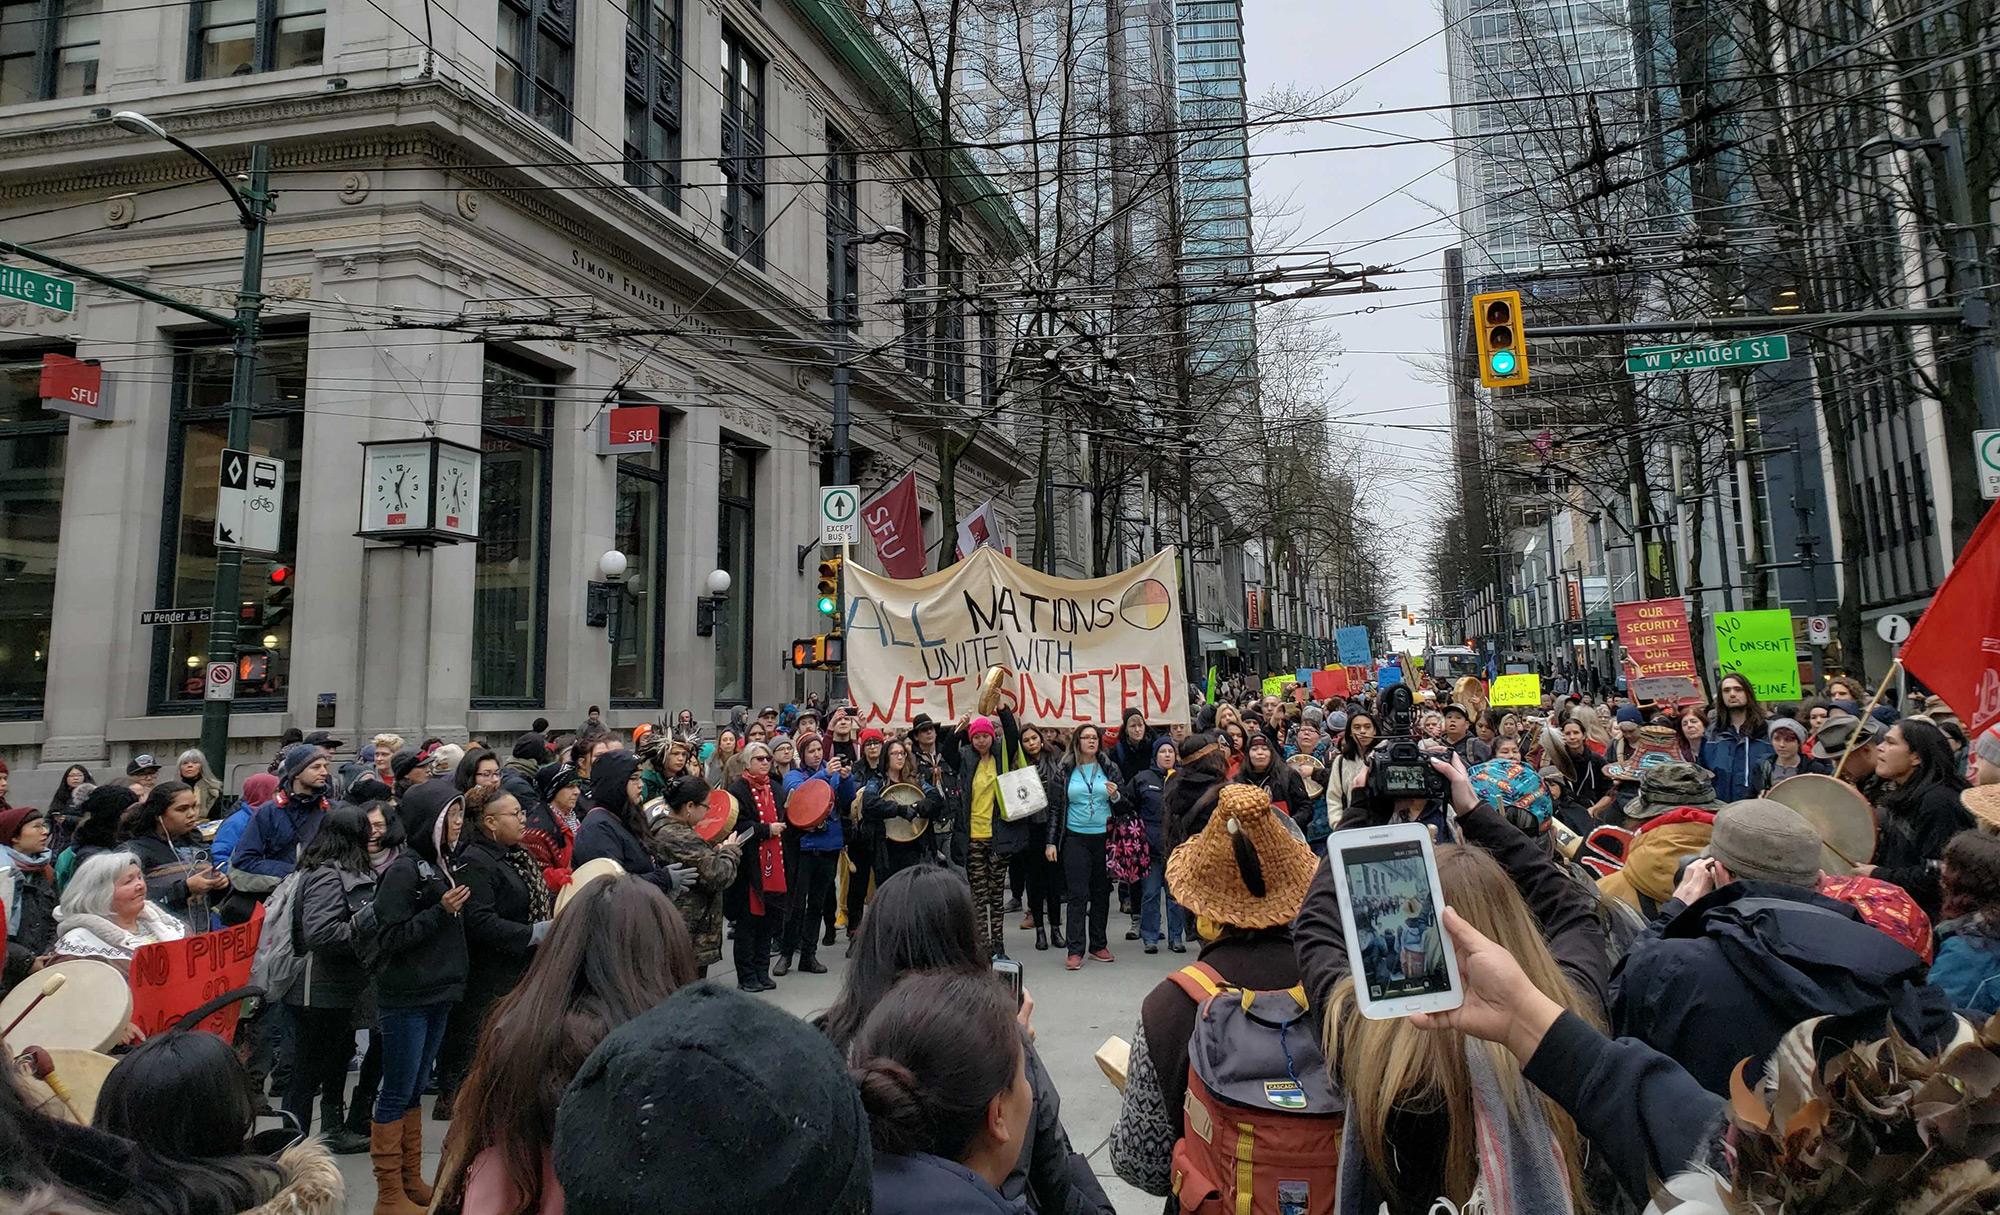 Wet'suwet'en Solidarity rally in Vancouver, Jan. 2019 (Photo: Eugene Kung)